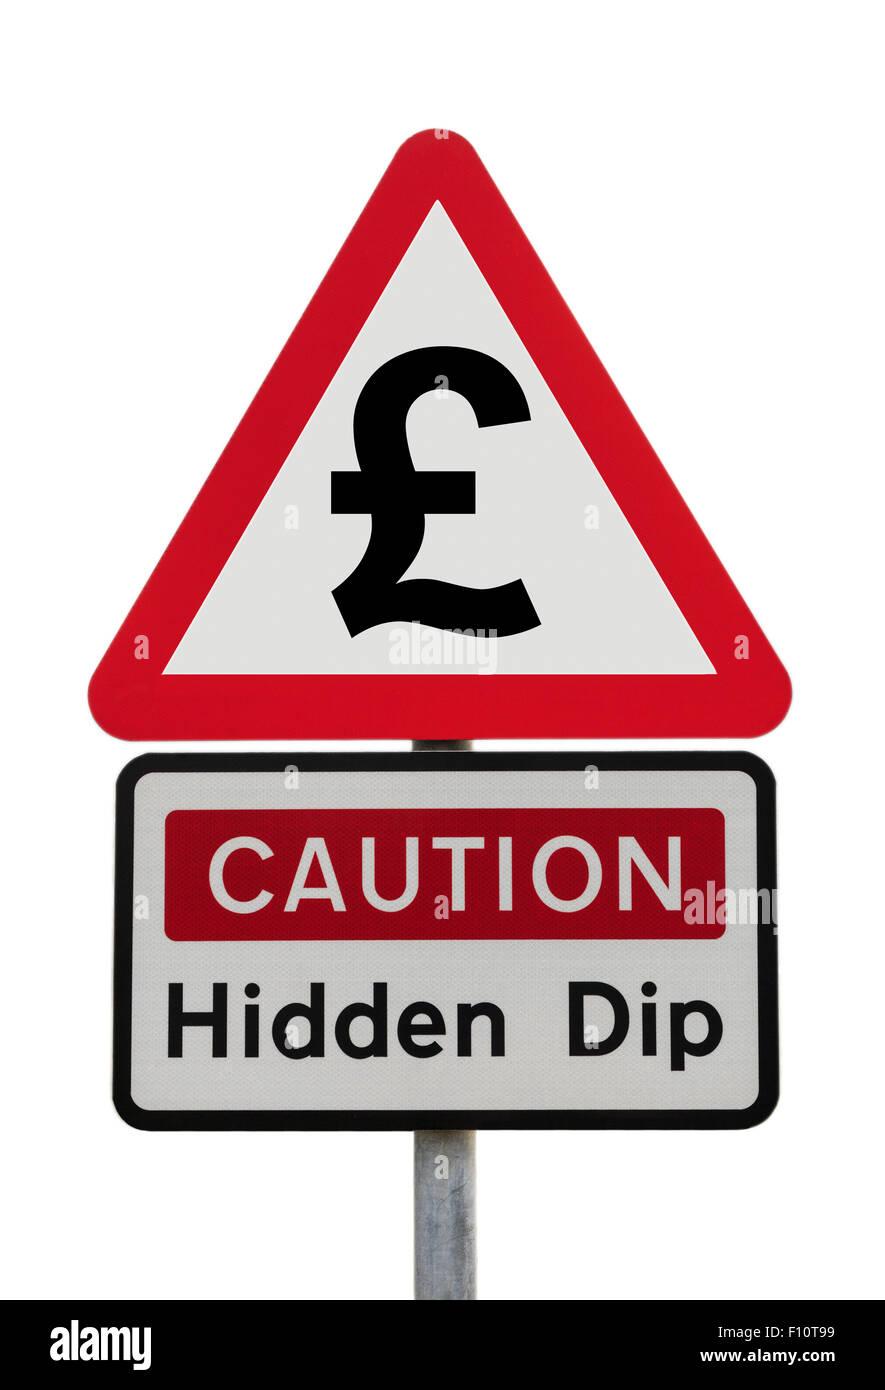 Señal de peligro triangular advertencia precaución Dip oculto con almohadilla para ilustrar el futuro Imagen De Stock